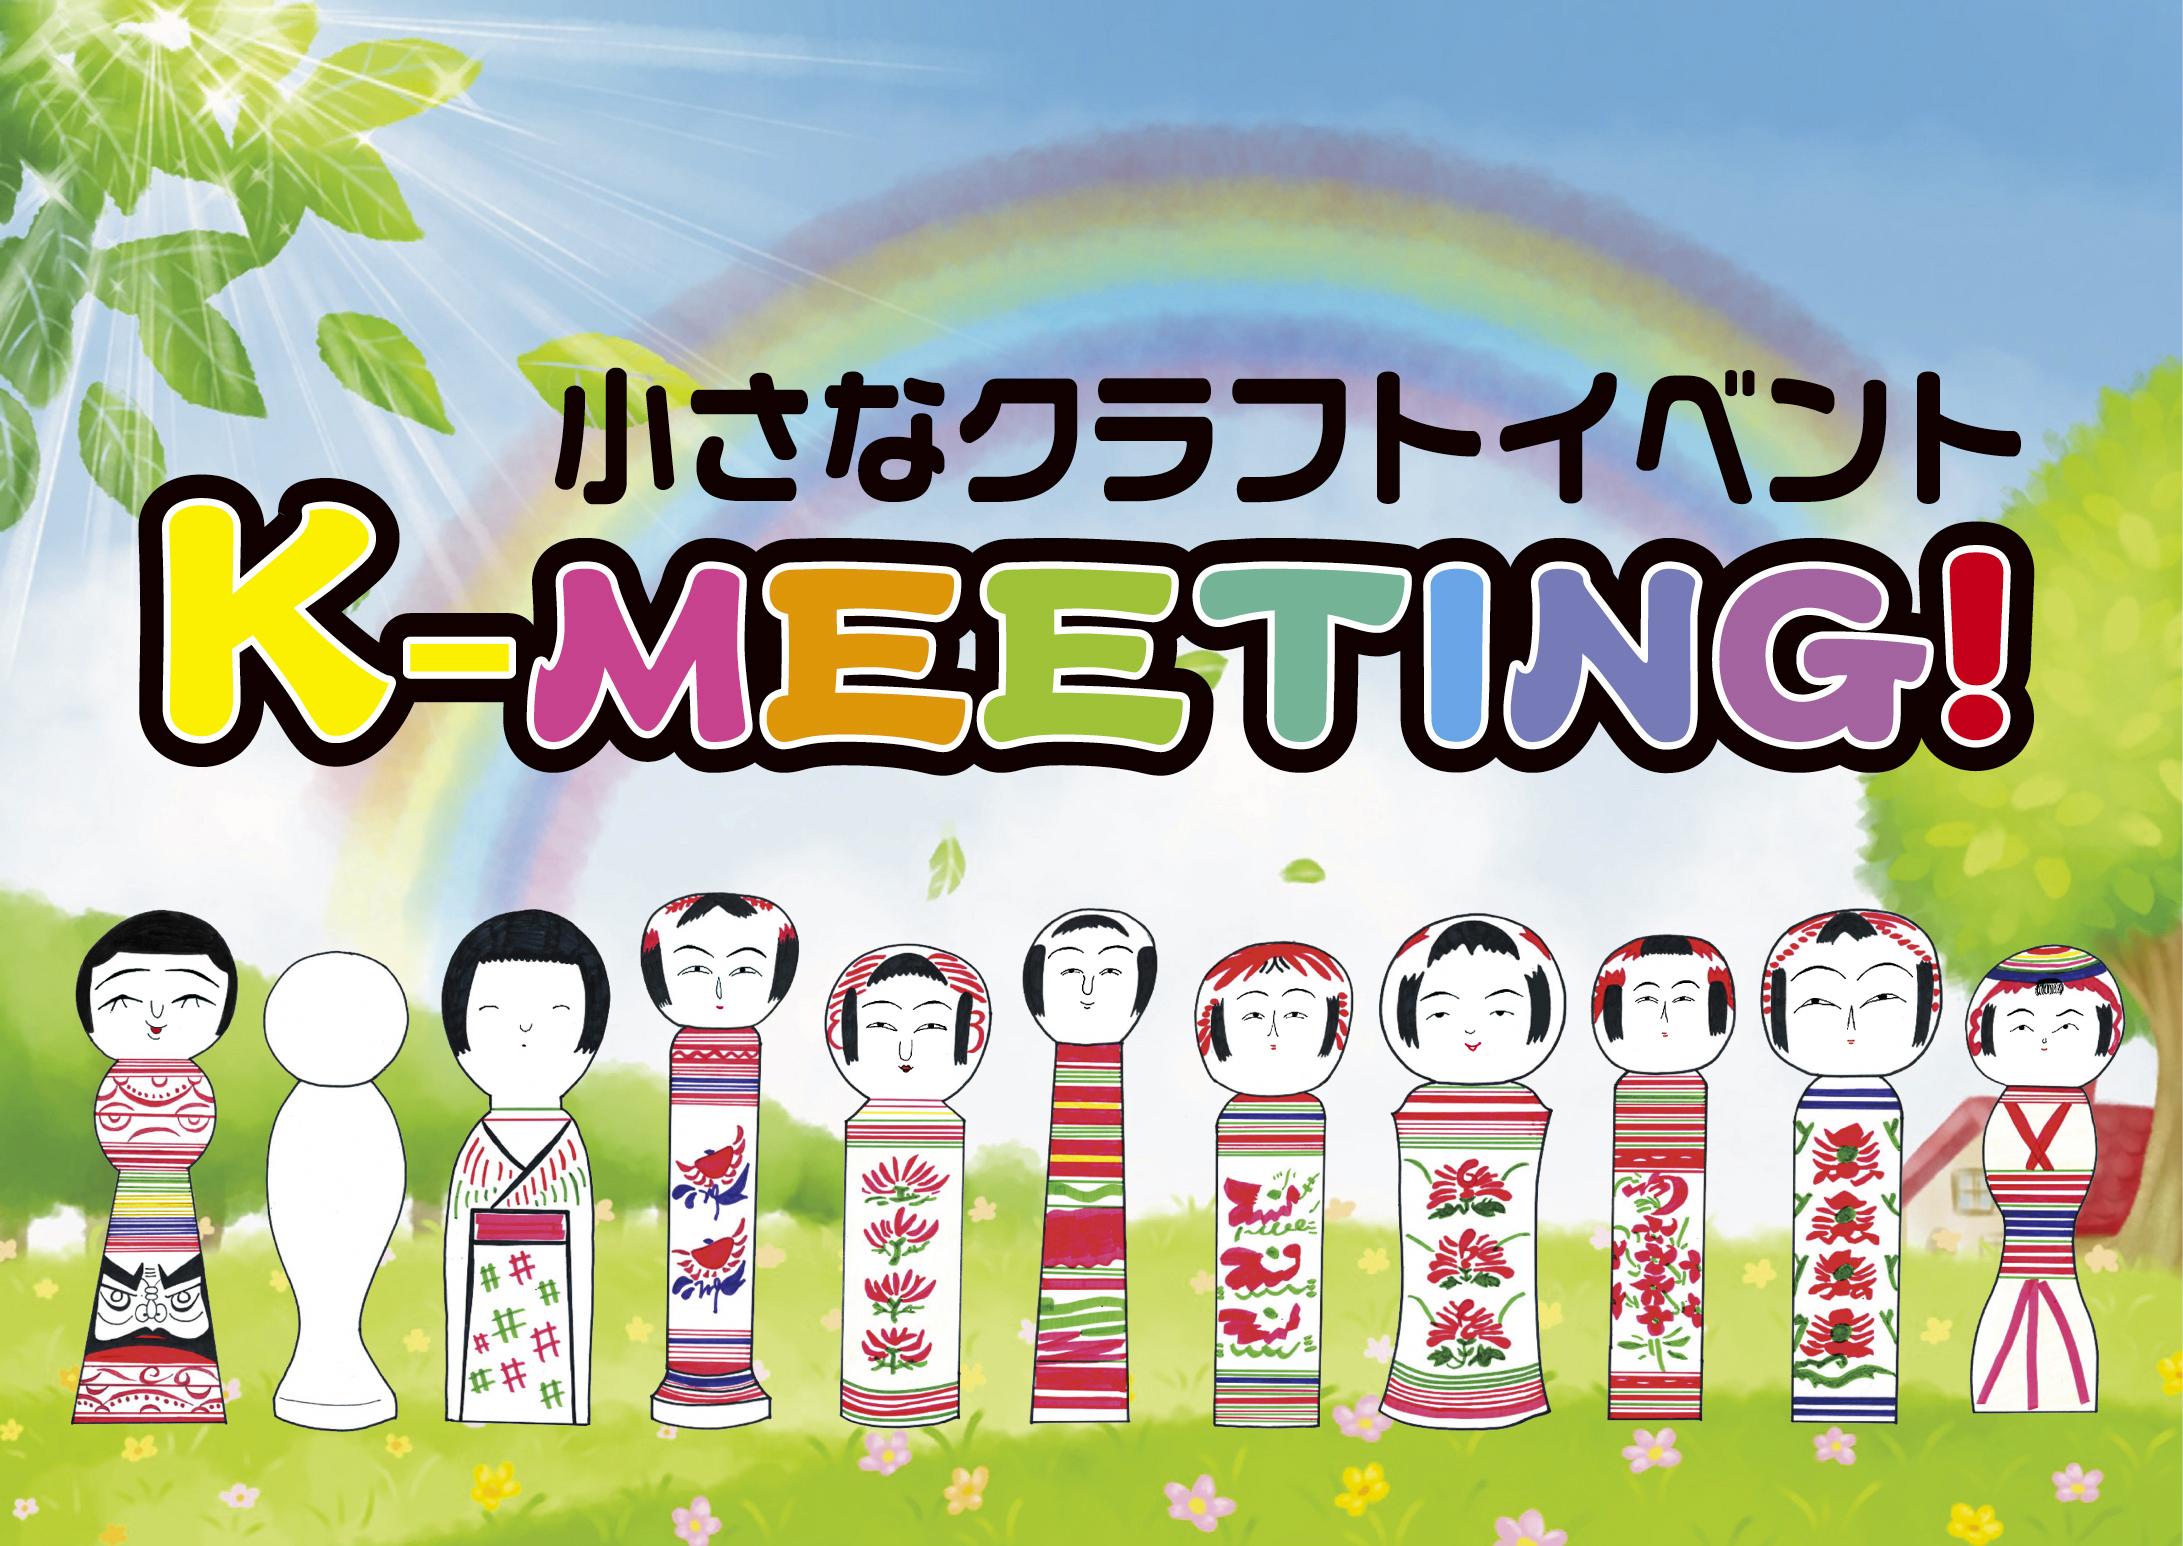 小さなクラフトイベント K-MEETING!開催のお知らせ!